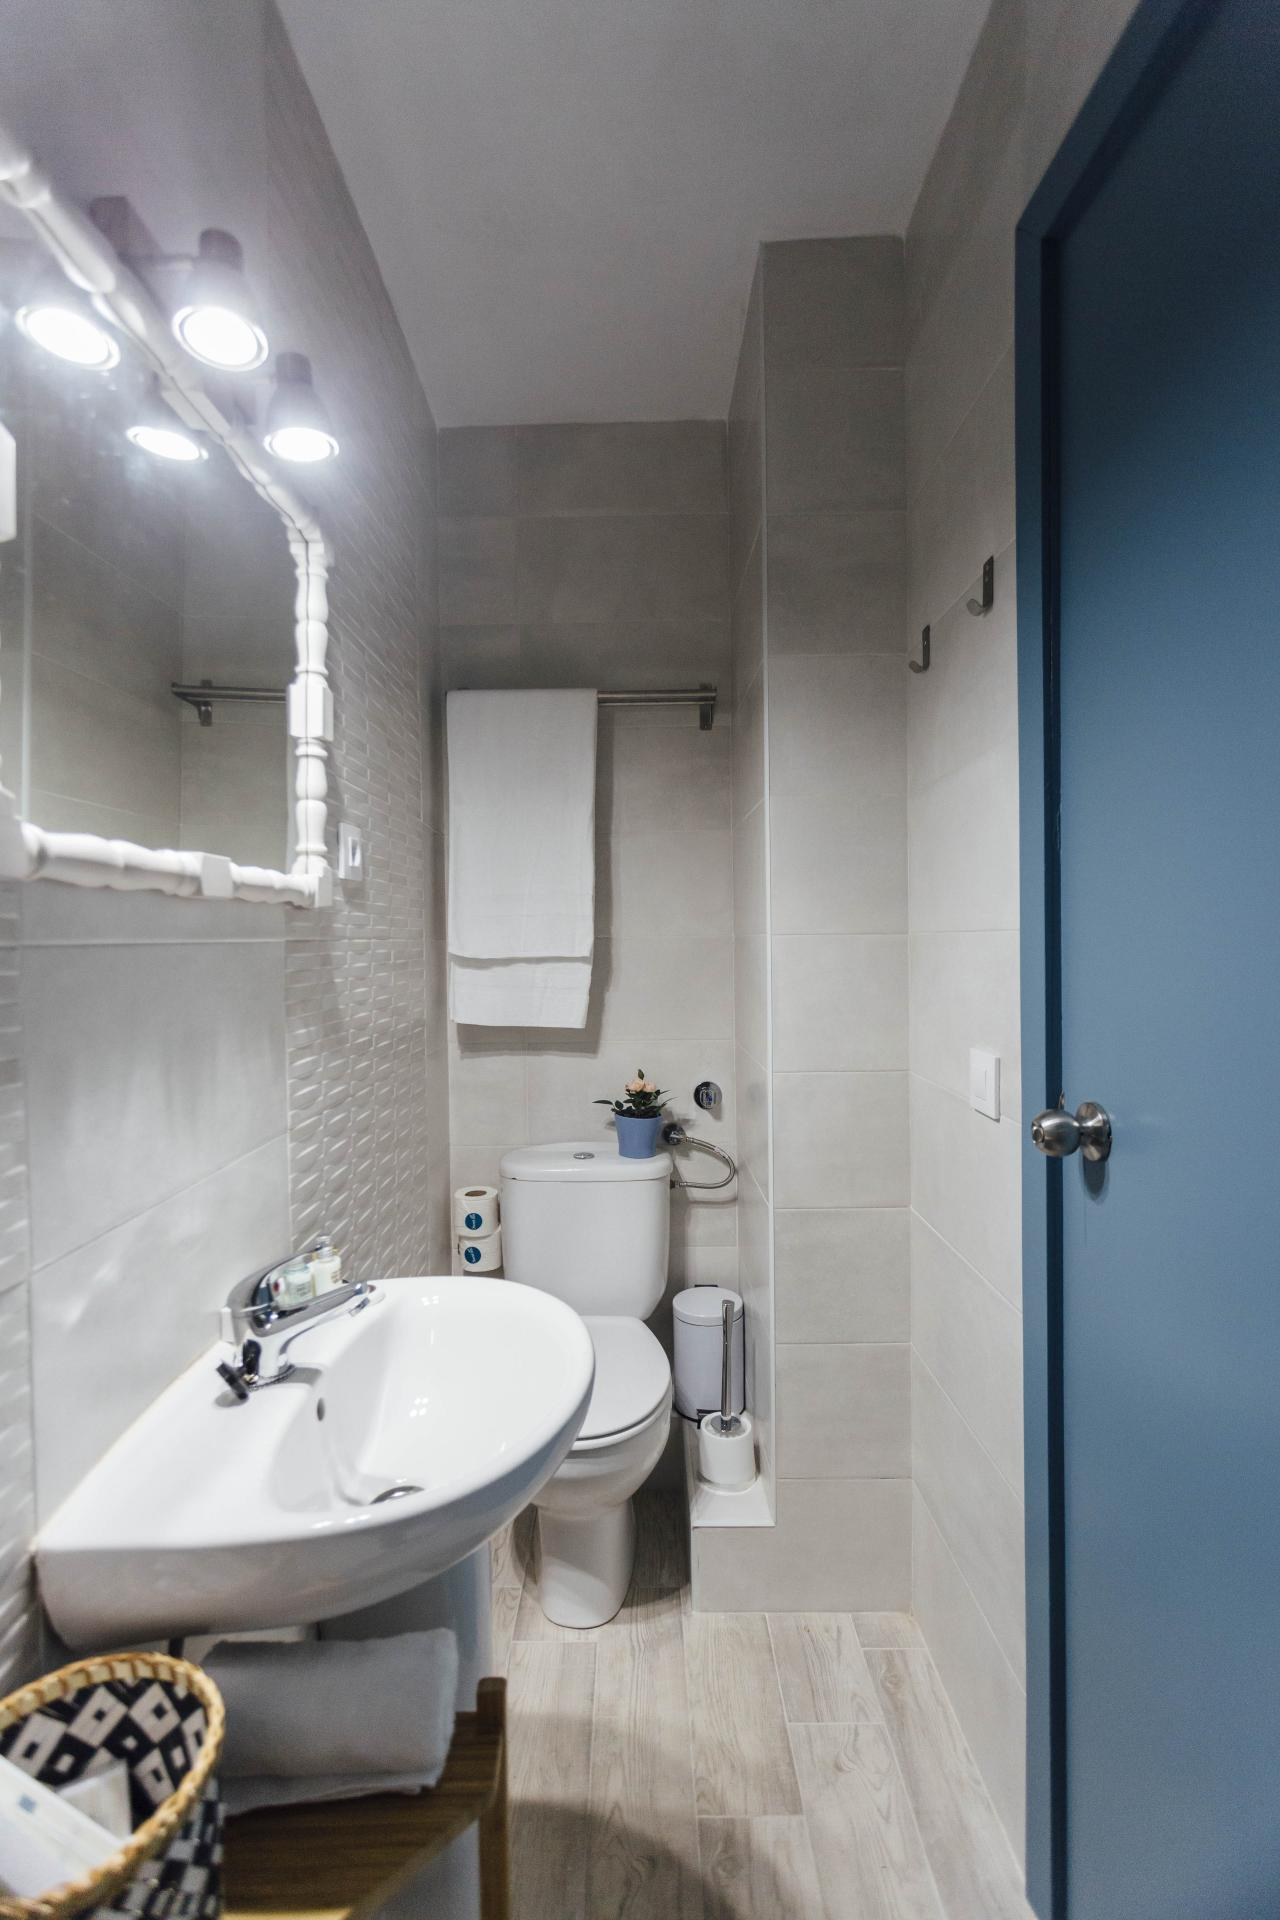 WC at Plaza de Zurradores Apartment